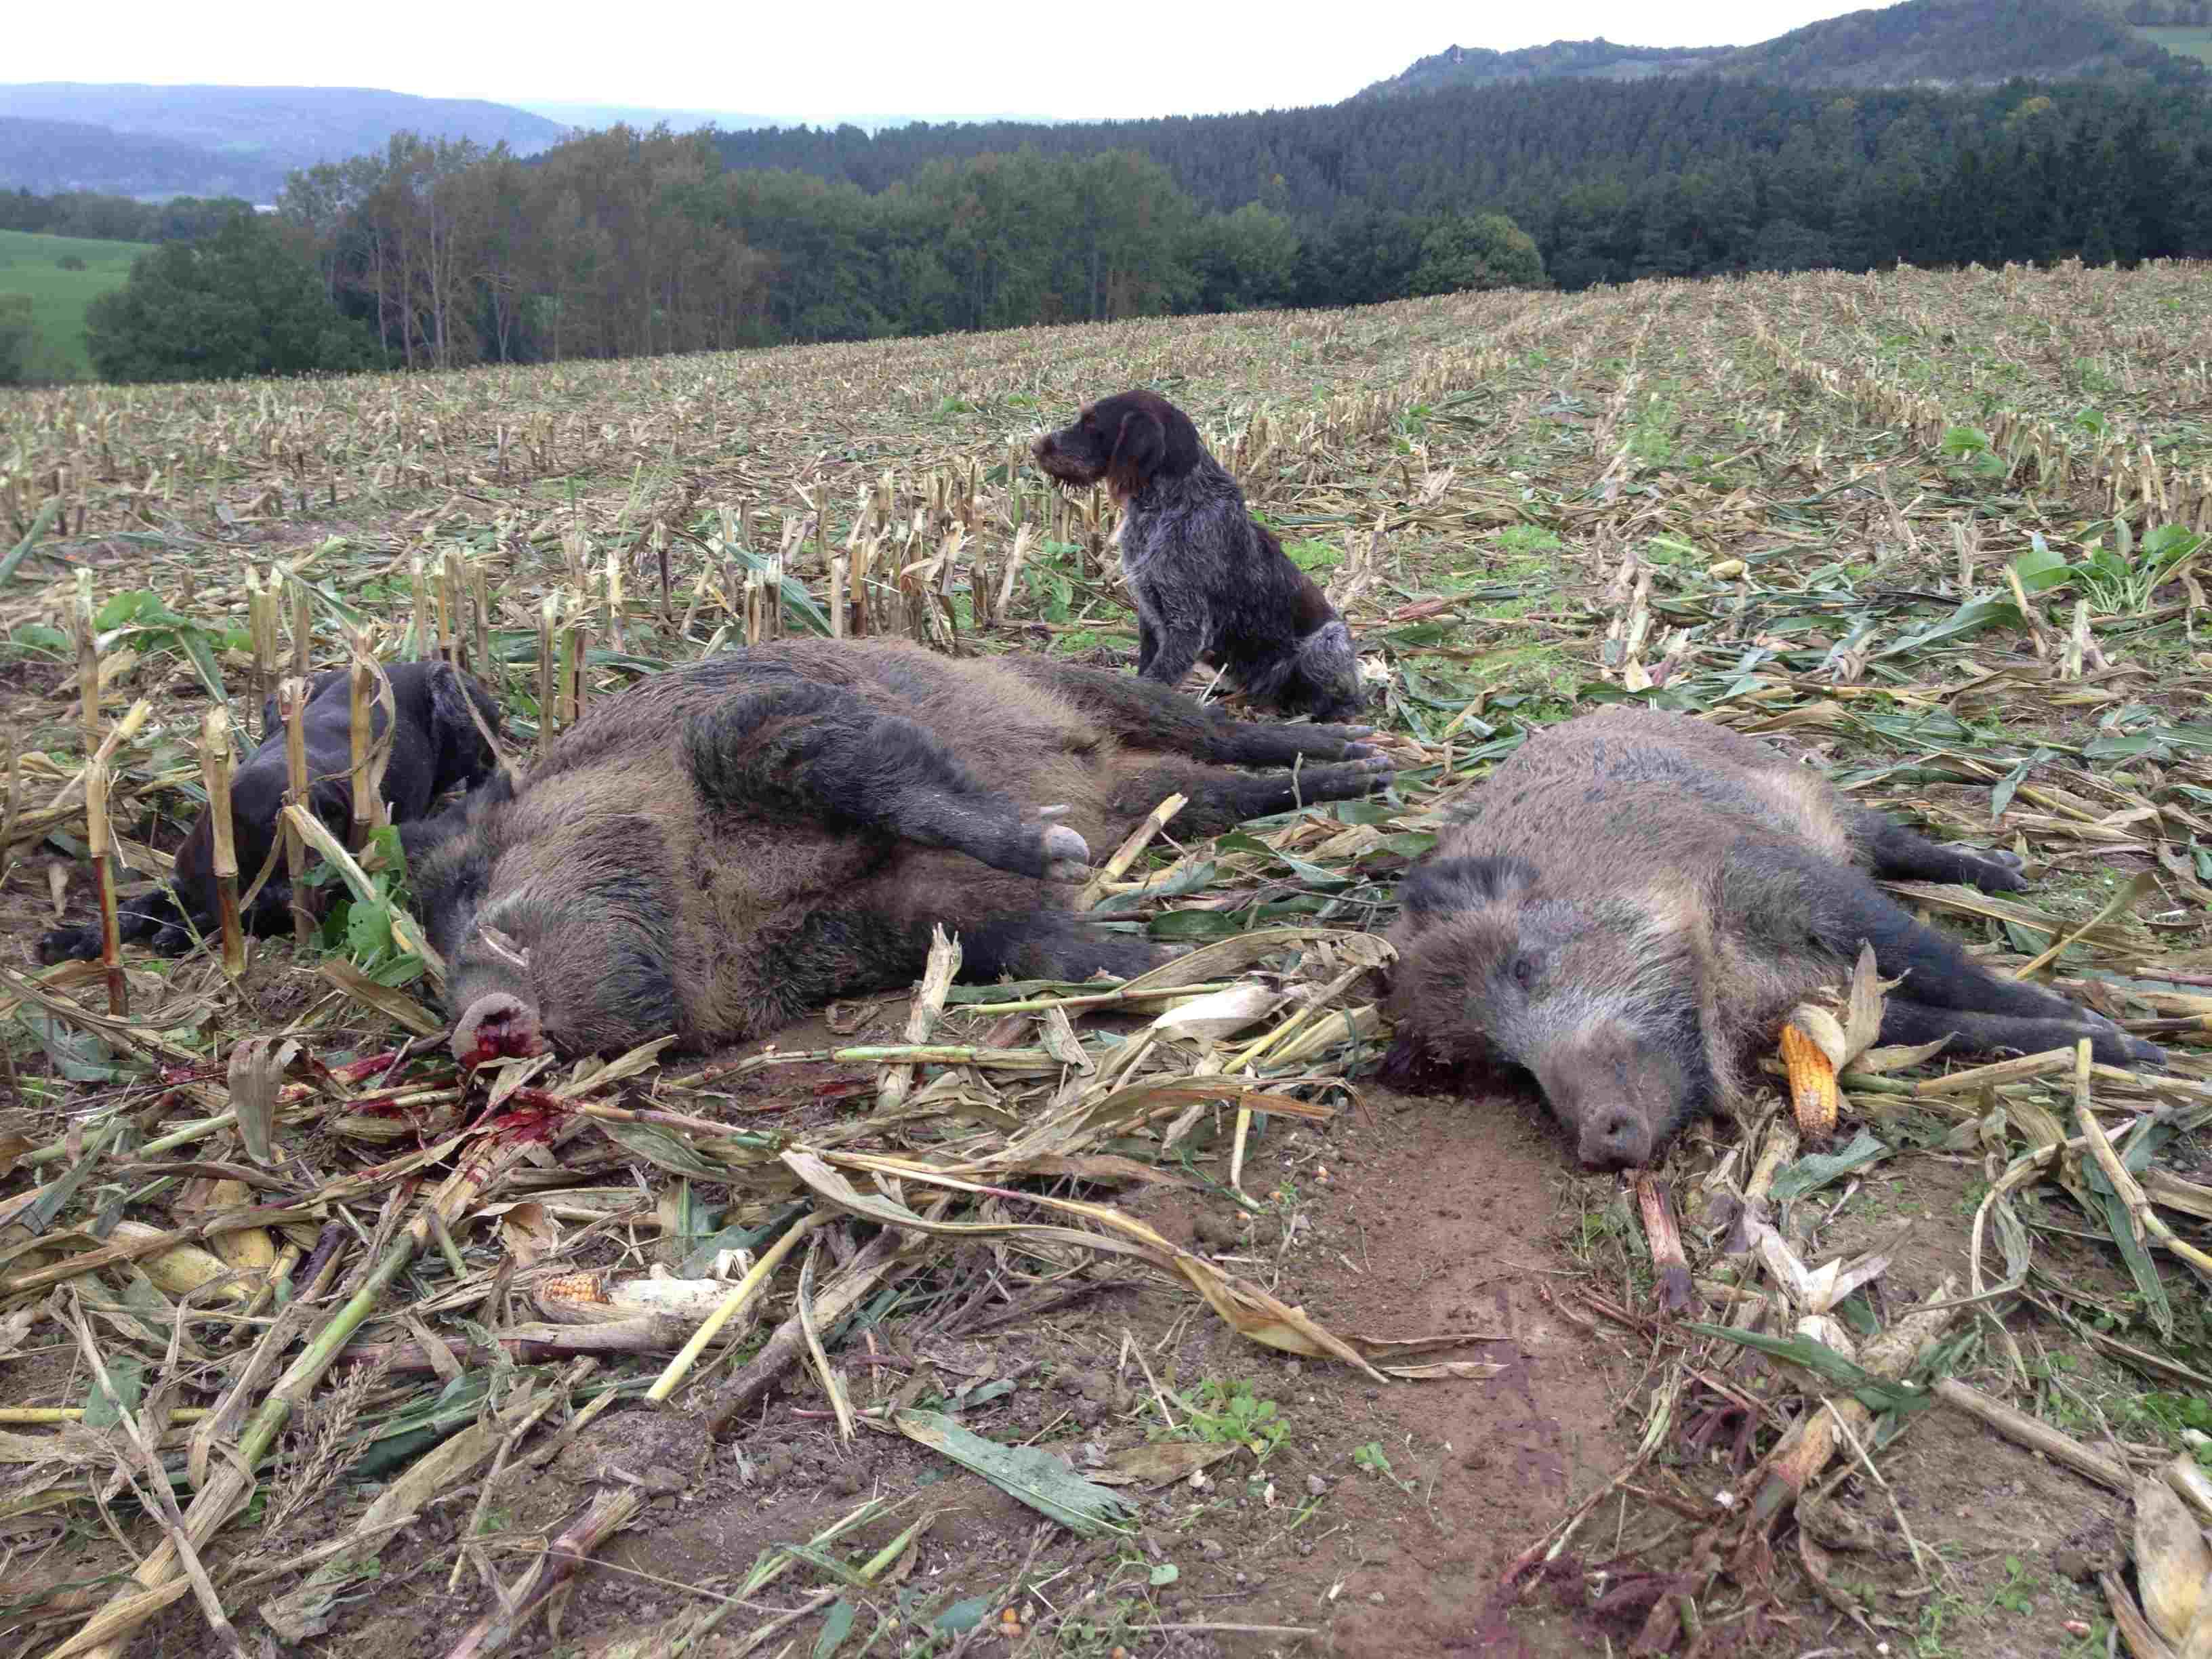 Conni vom Jachti Jolli vom Hopfenfeld 2014 - 6 ha Mais und 13 Sauen 127 kg sind nicht zuviel